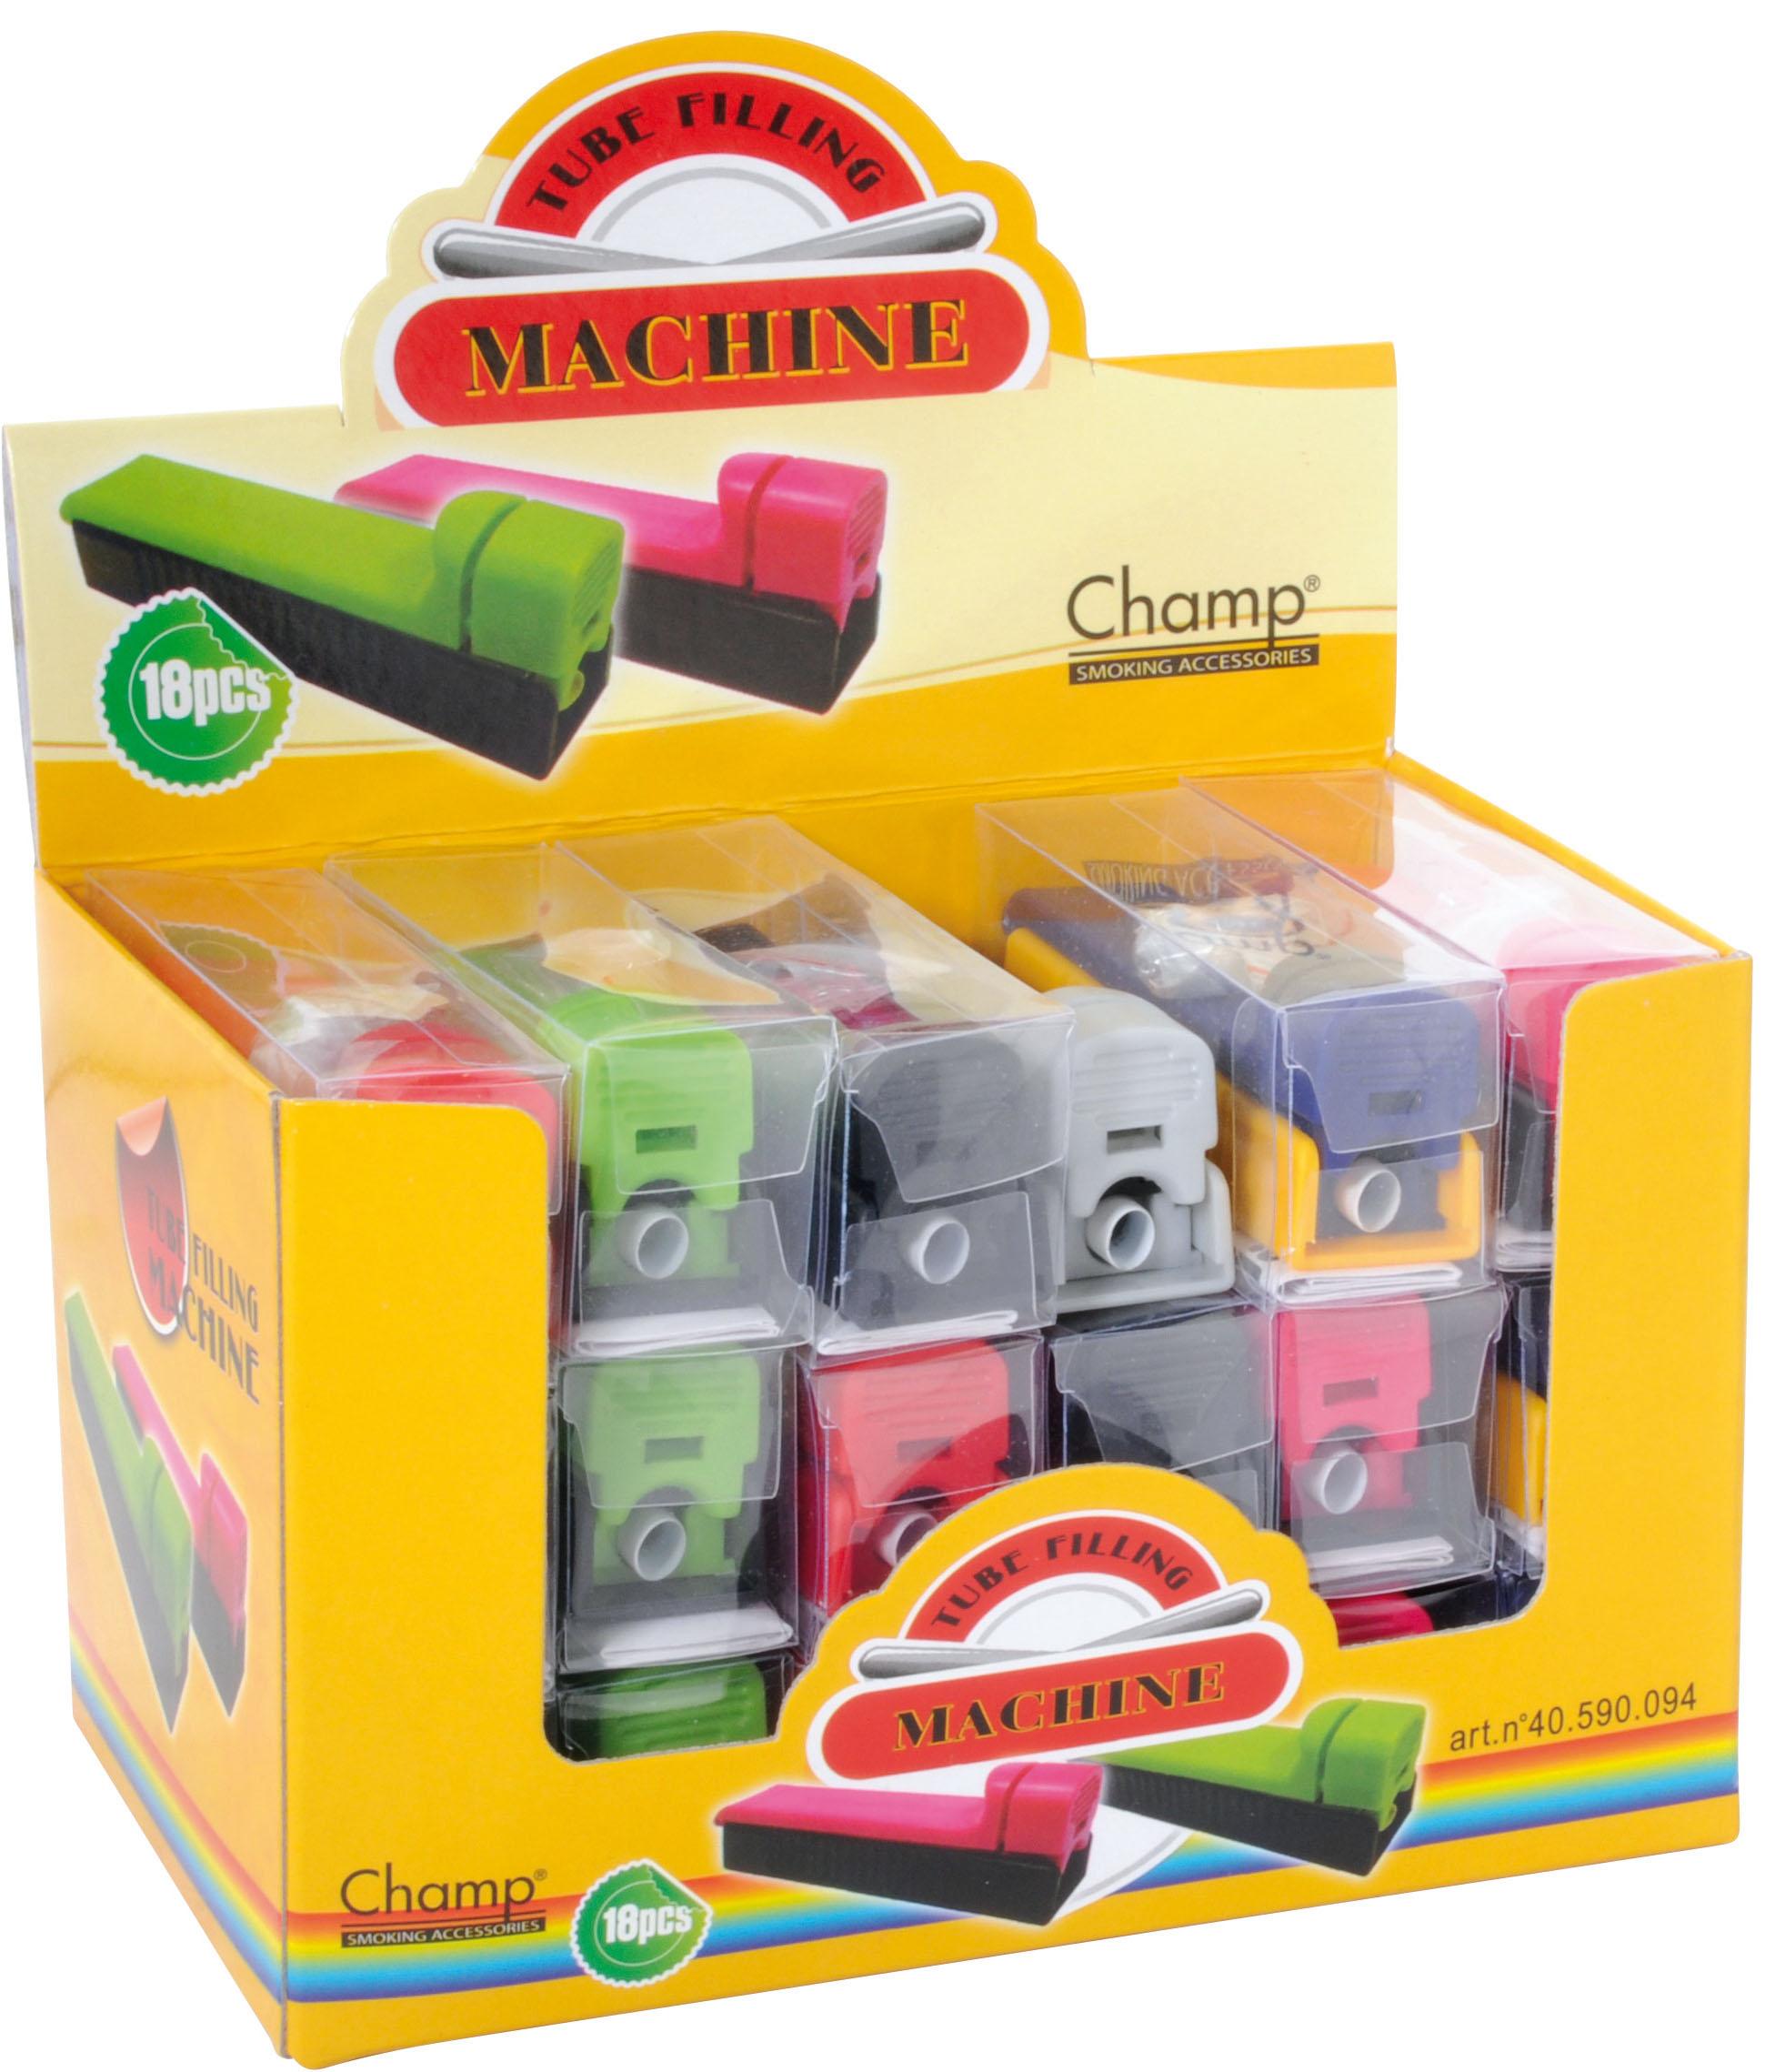 21083 - Zigarettenstopfmaschine Colors 84 mm